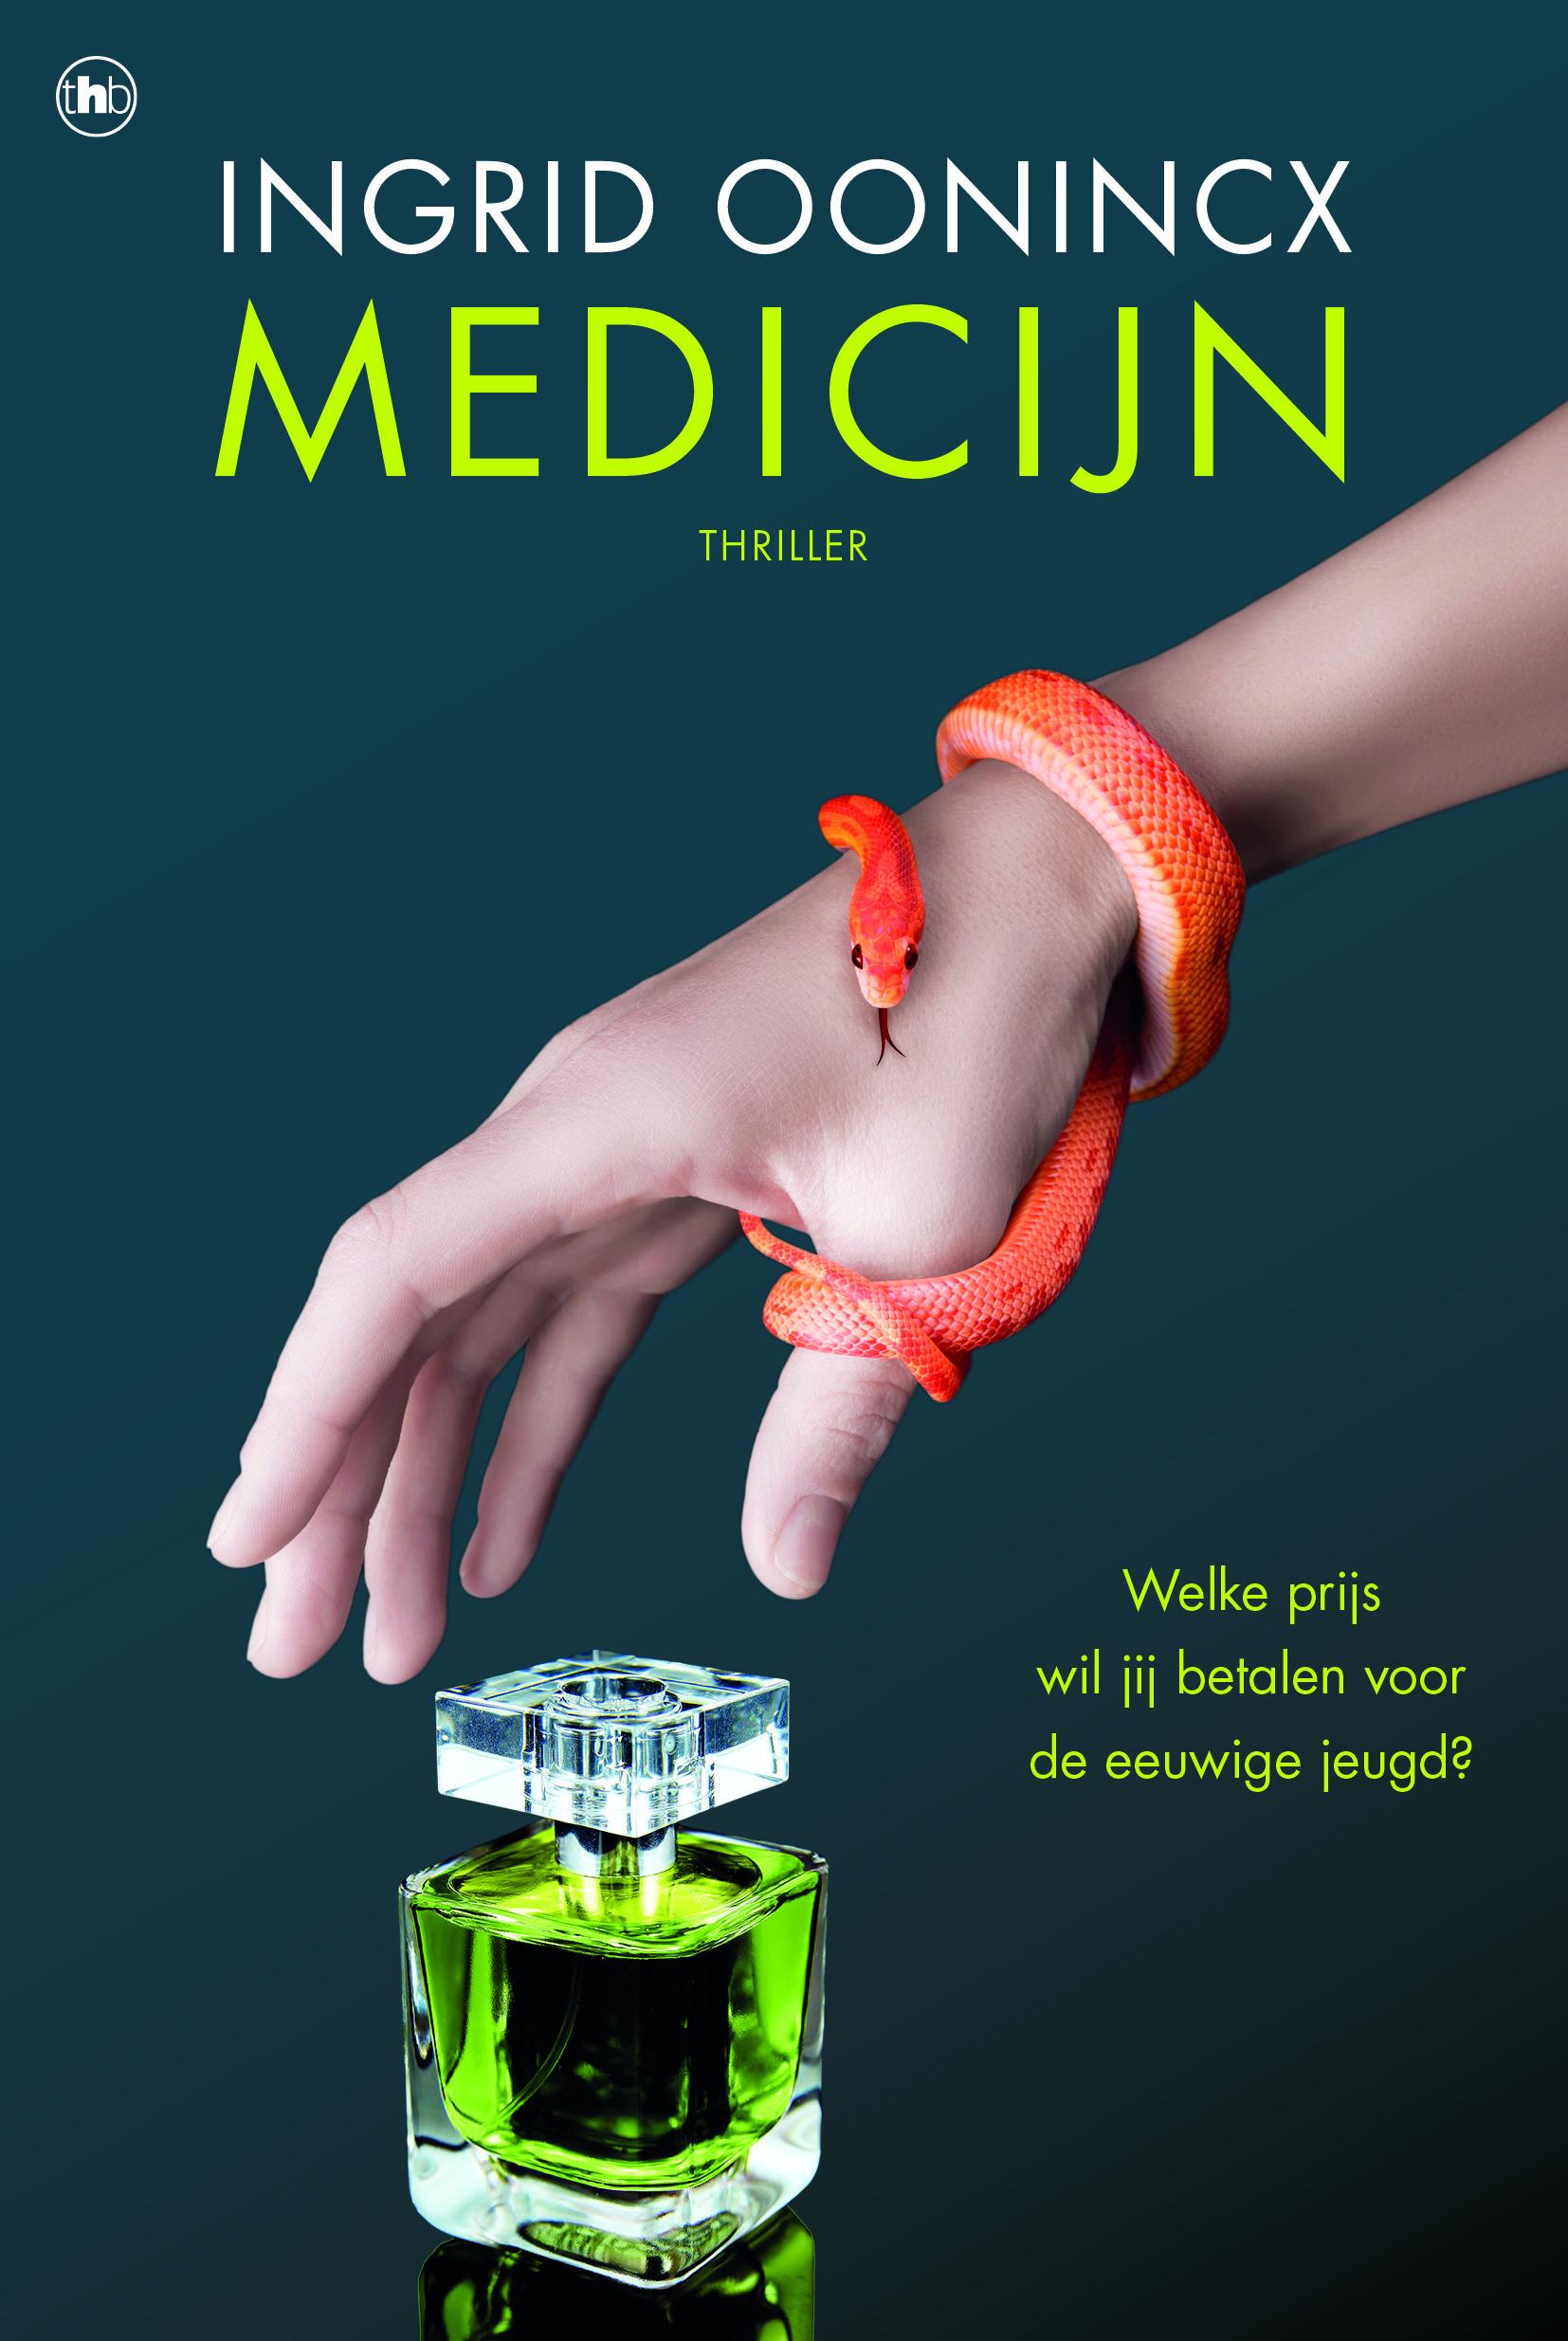 Medicijn - boekrecensie